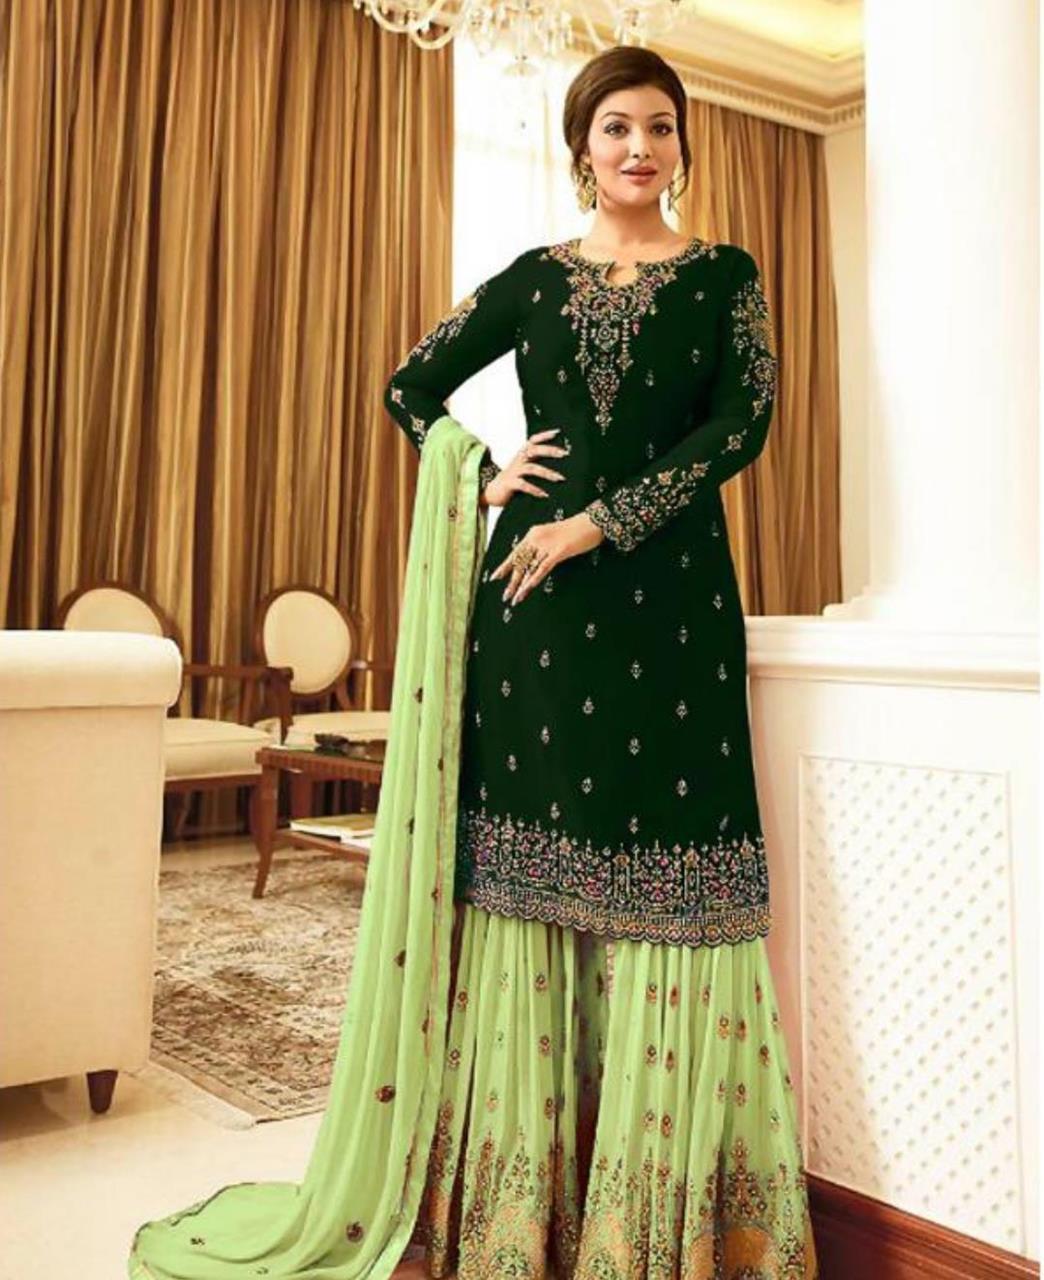 Embroidered Georgette Straight cut Salwar Kameez in Dark Green